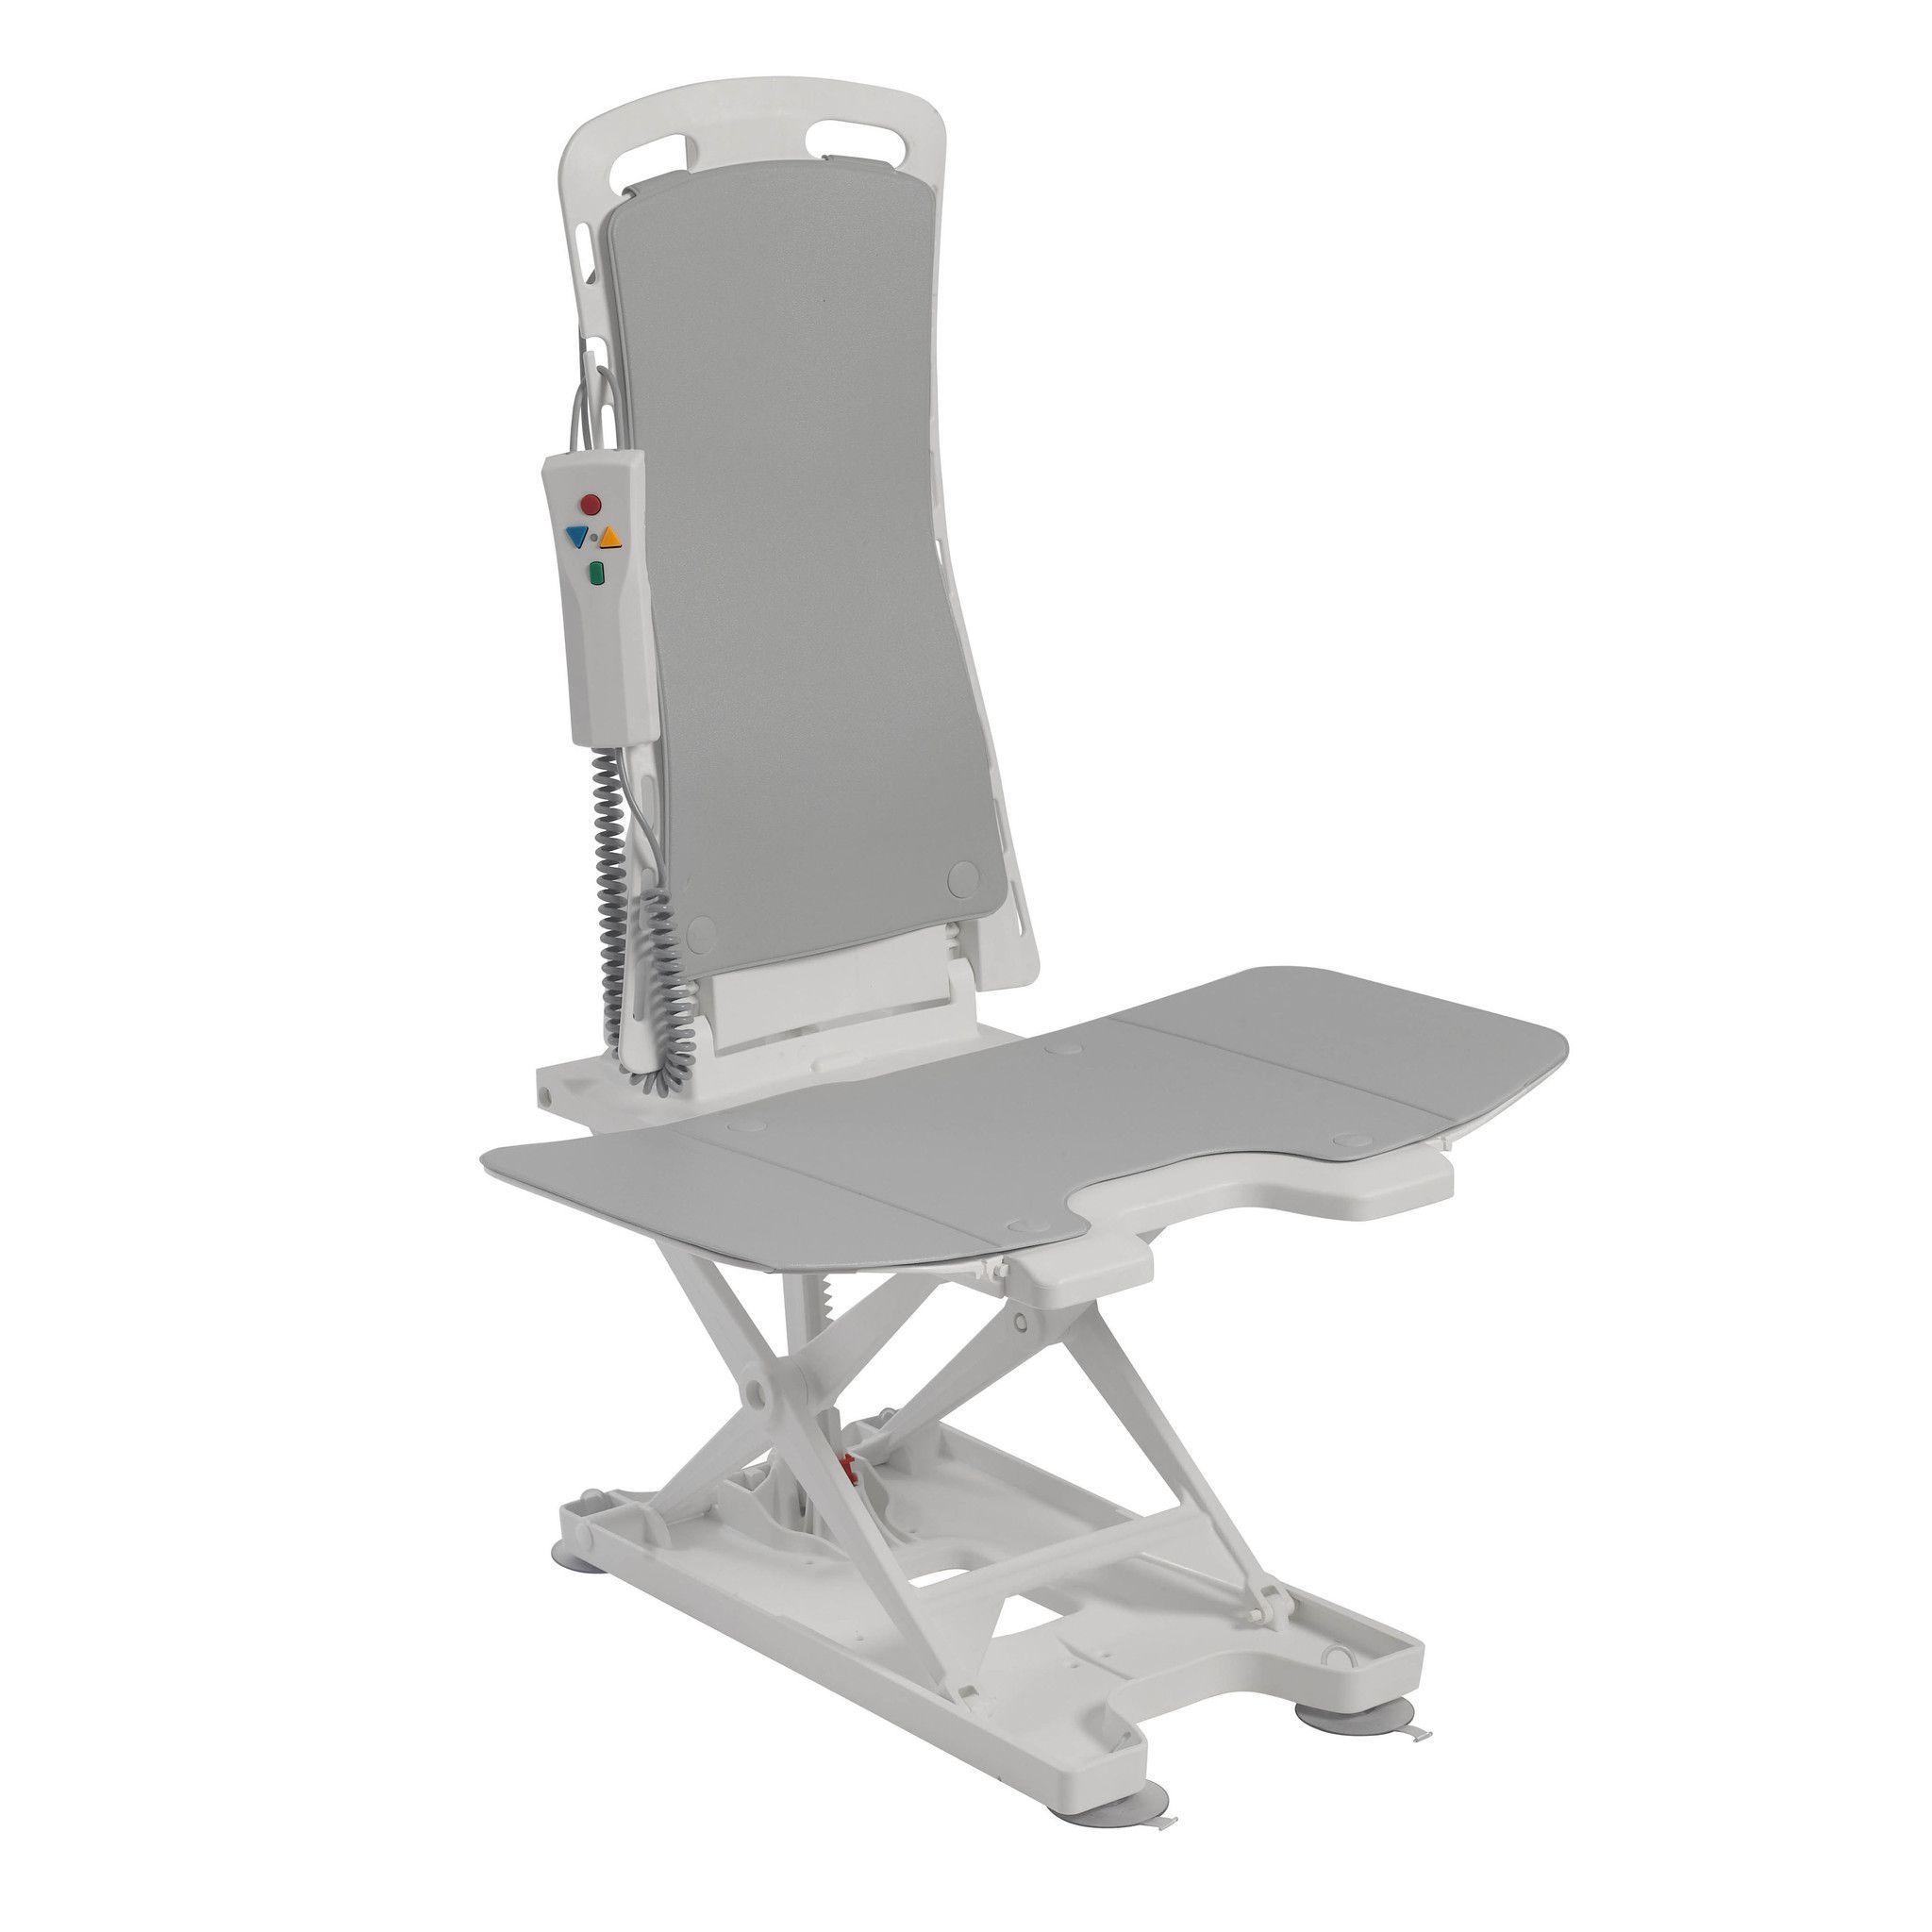 Bellavita Auto Bath Tub Chair Seat Lift | Tub chair, Bath tubs and Tubs